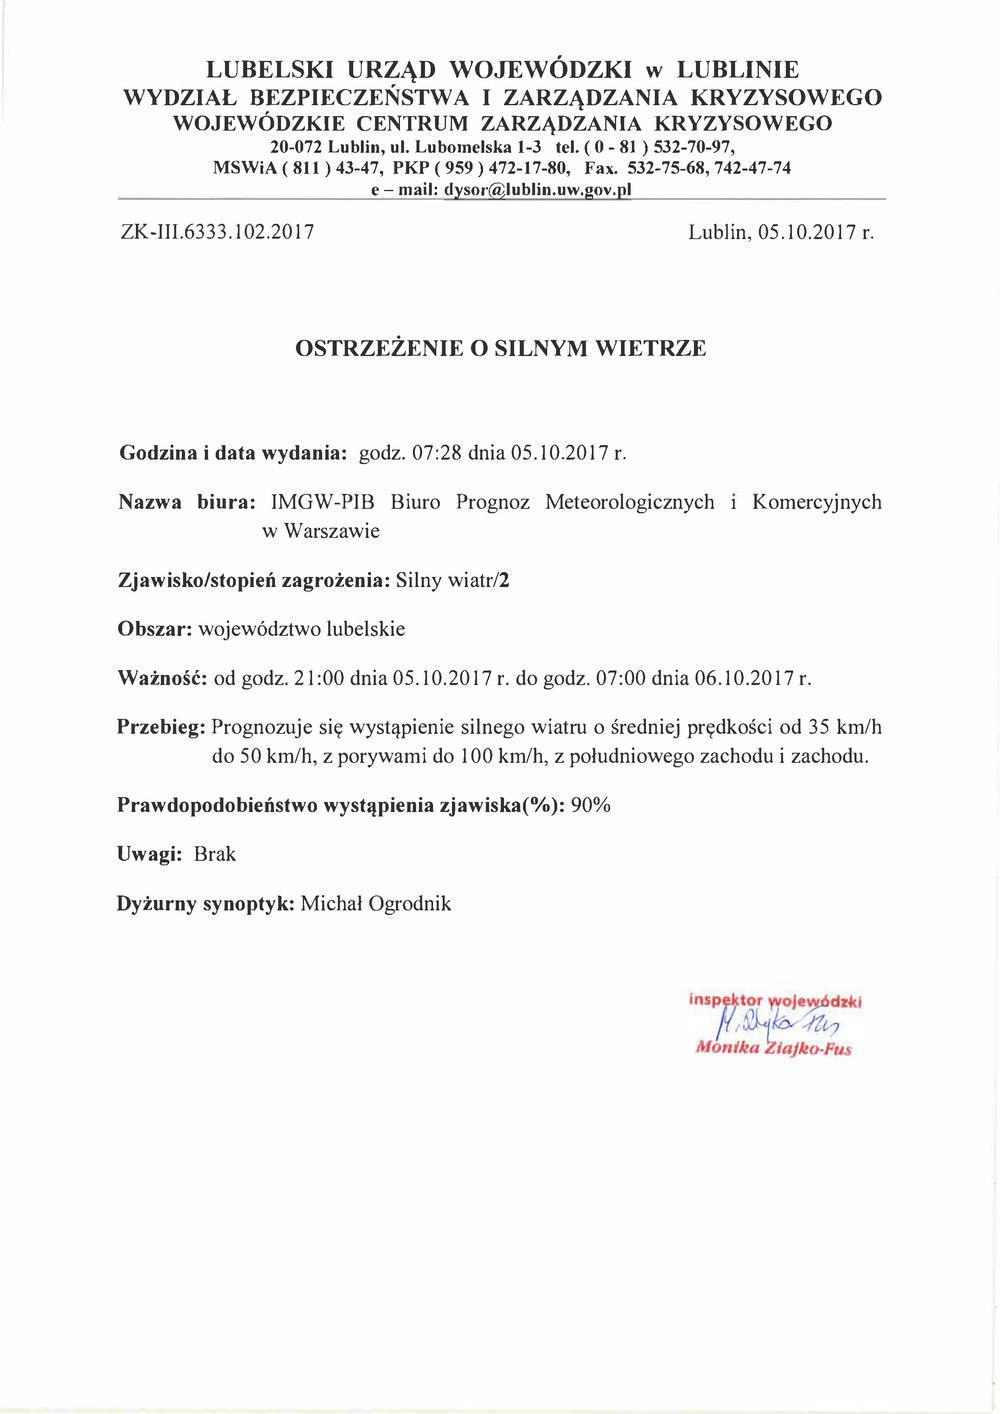 Zjawisko/stopień zagrożenia: Silny wiatr/2 Obszar: województwo lubelskie